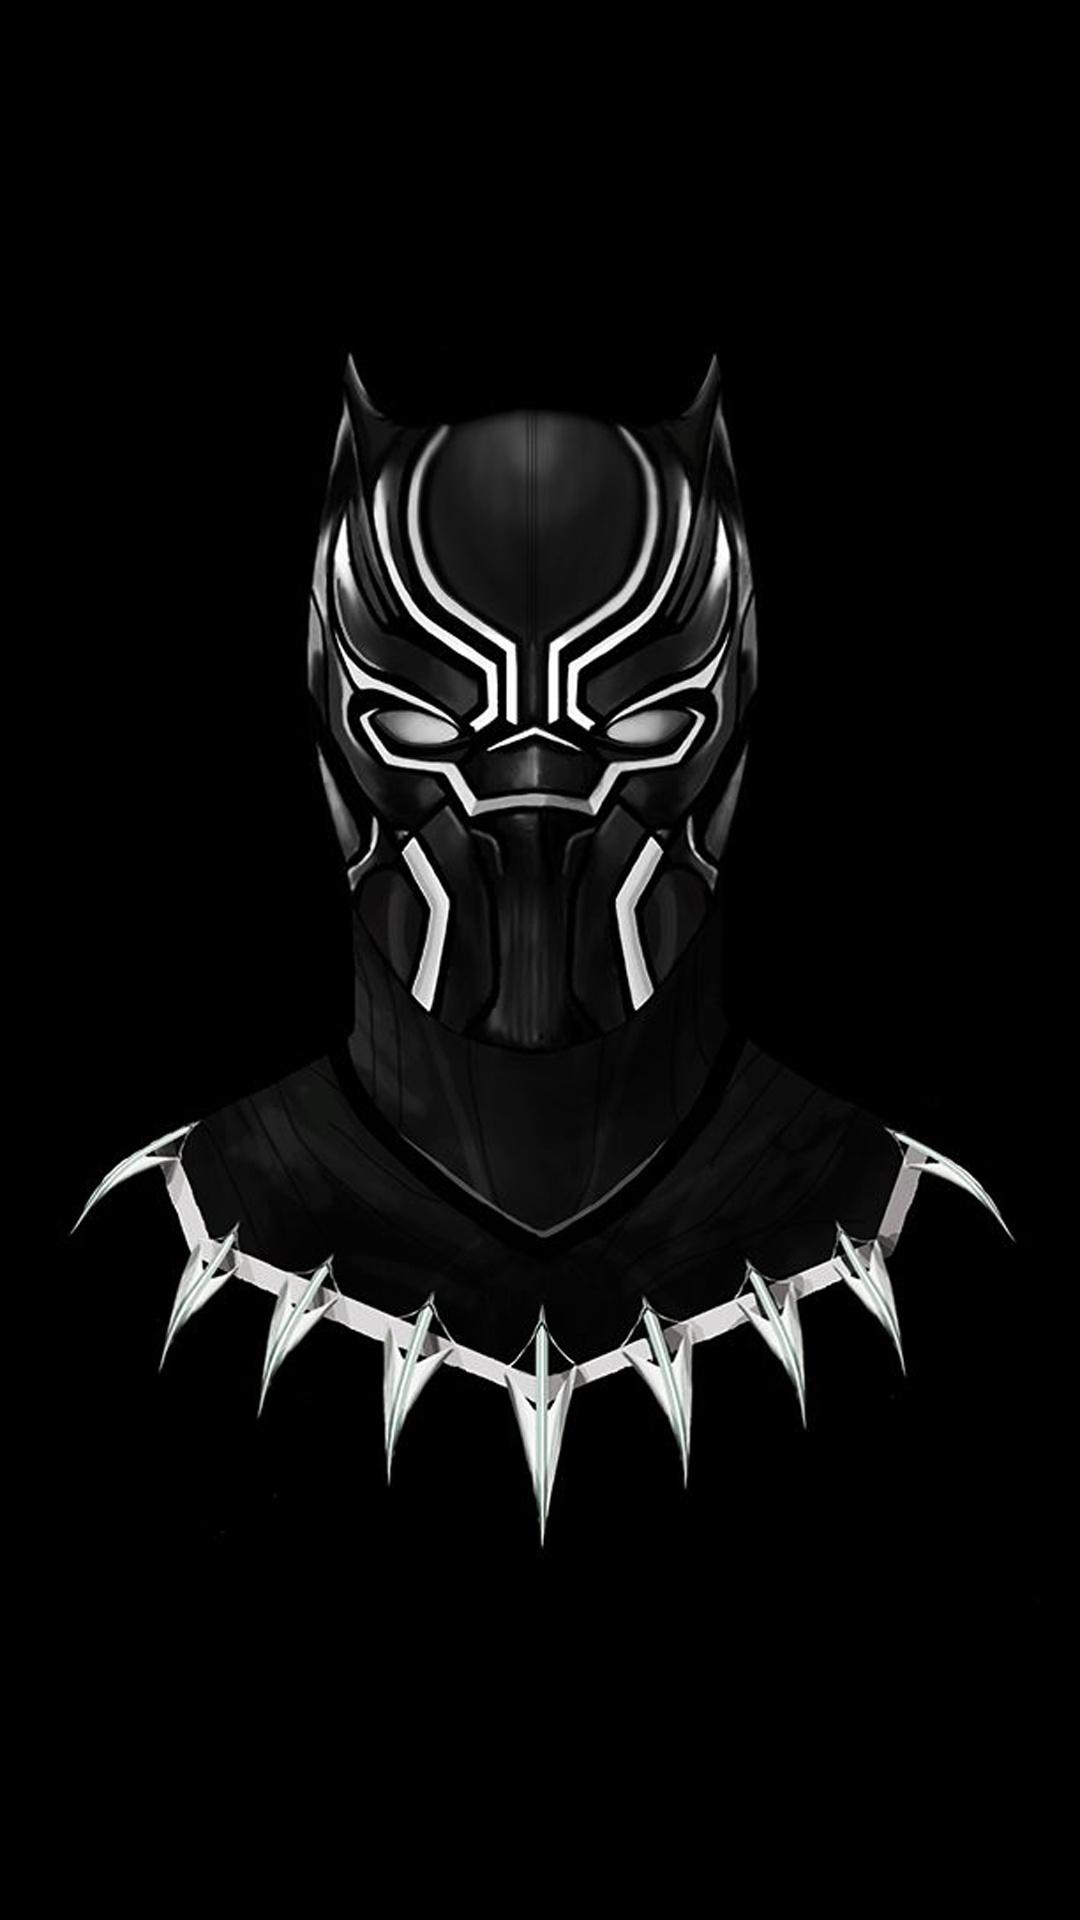 iPhone wallpaper black panther3 Black Panther